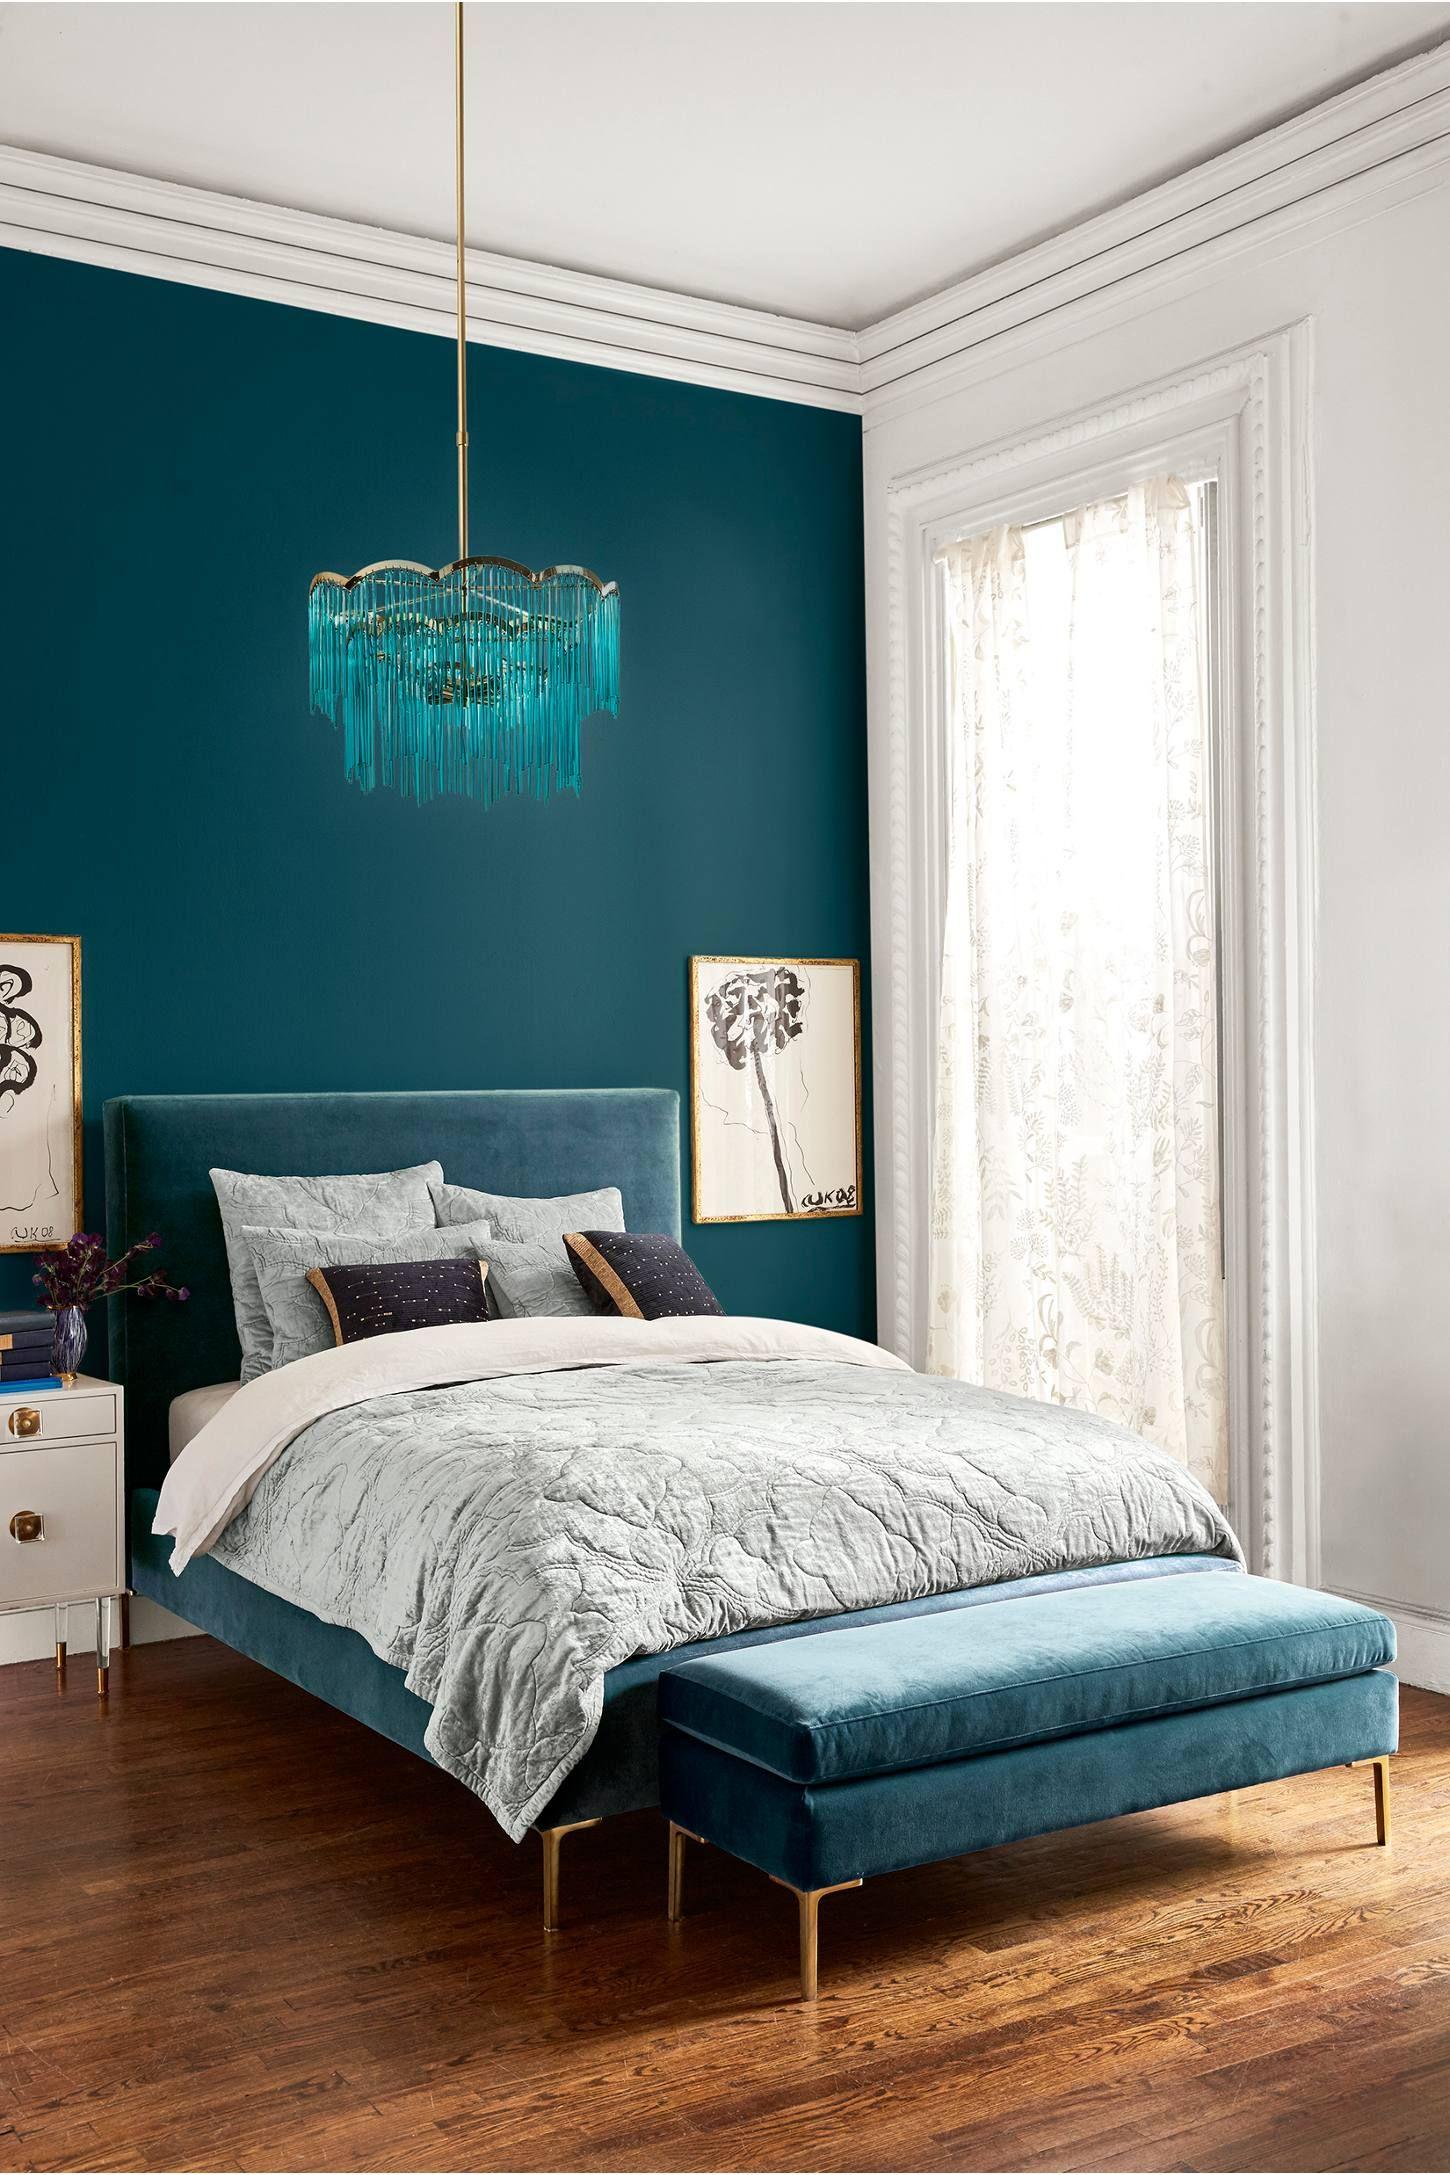 Elegant samtida sovrum